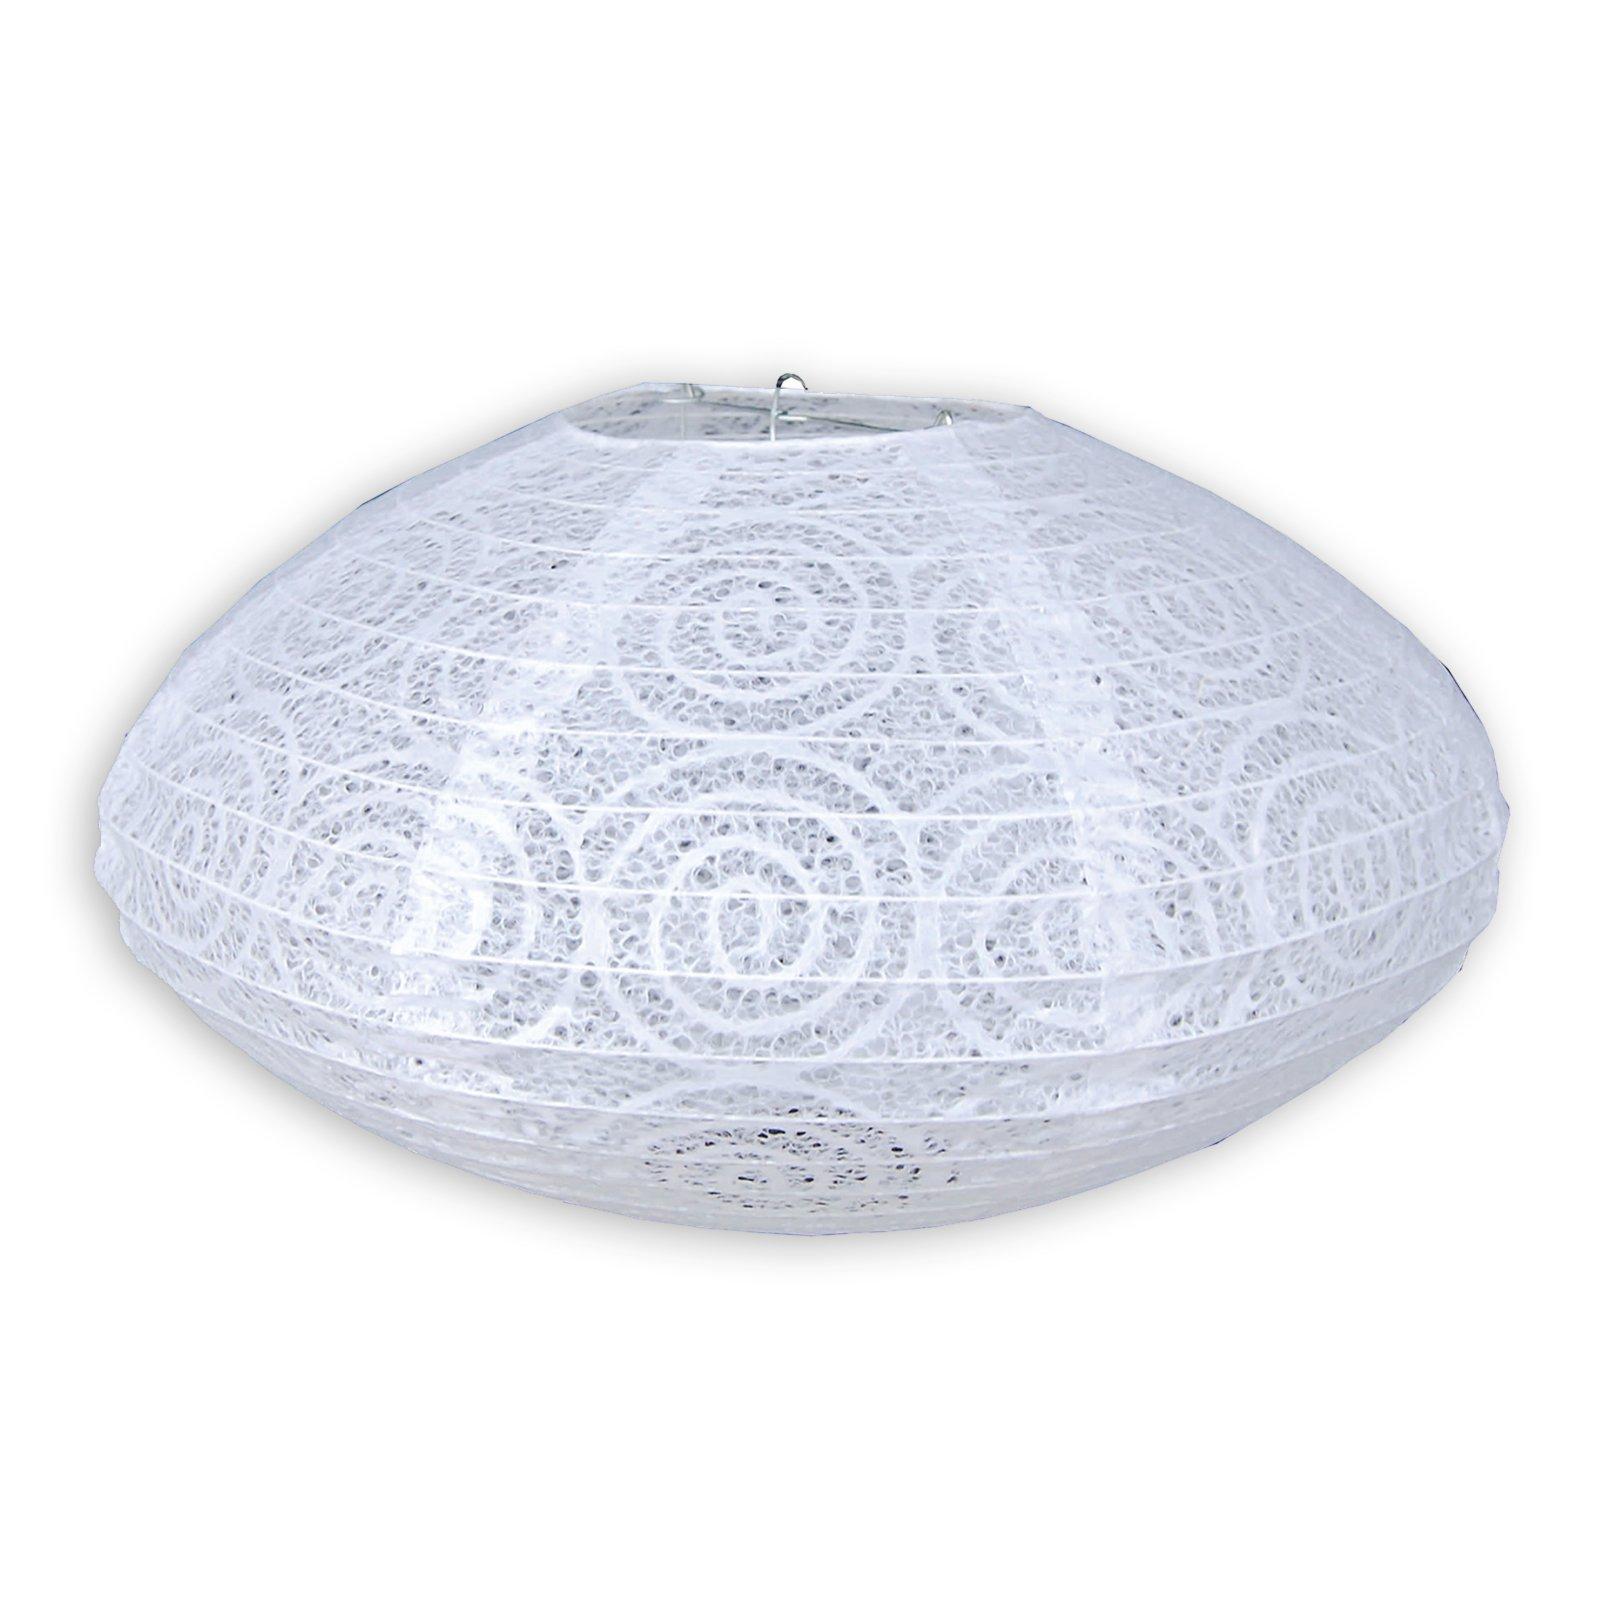 Lampenschirm - Reispapier - weiß - oval